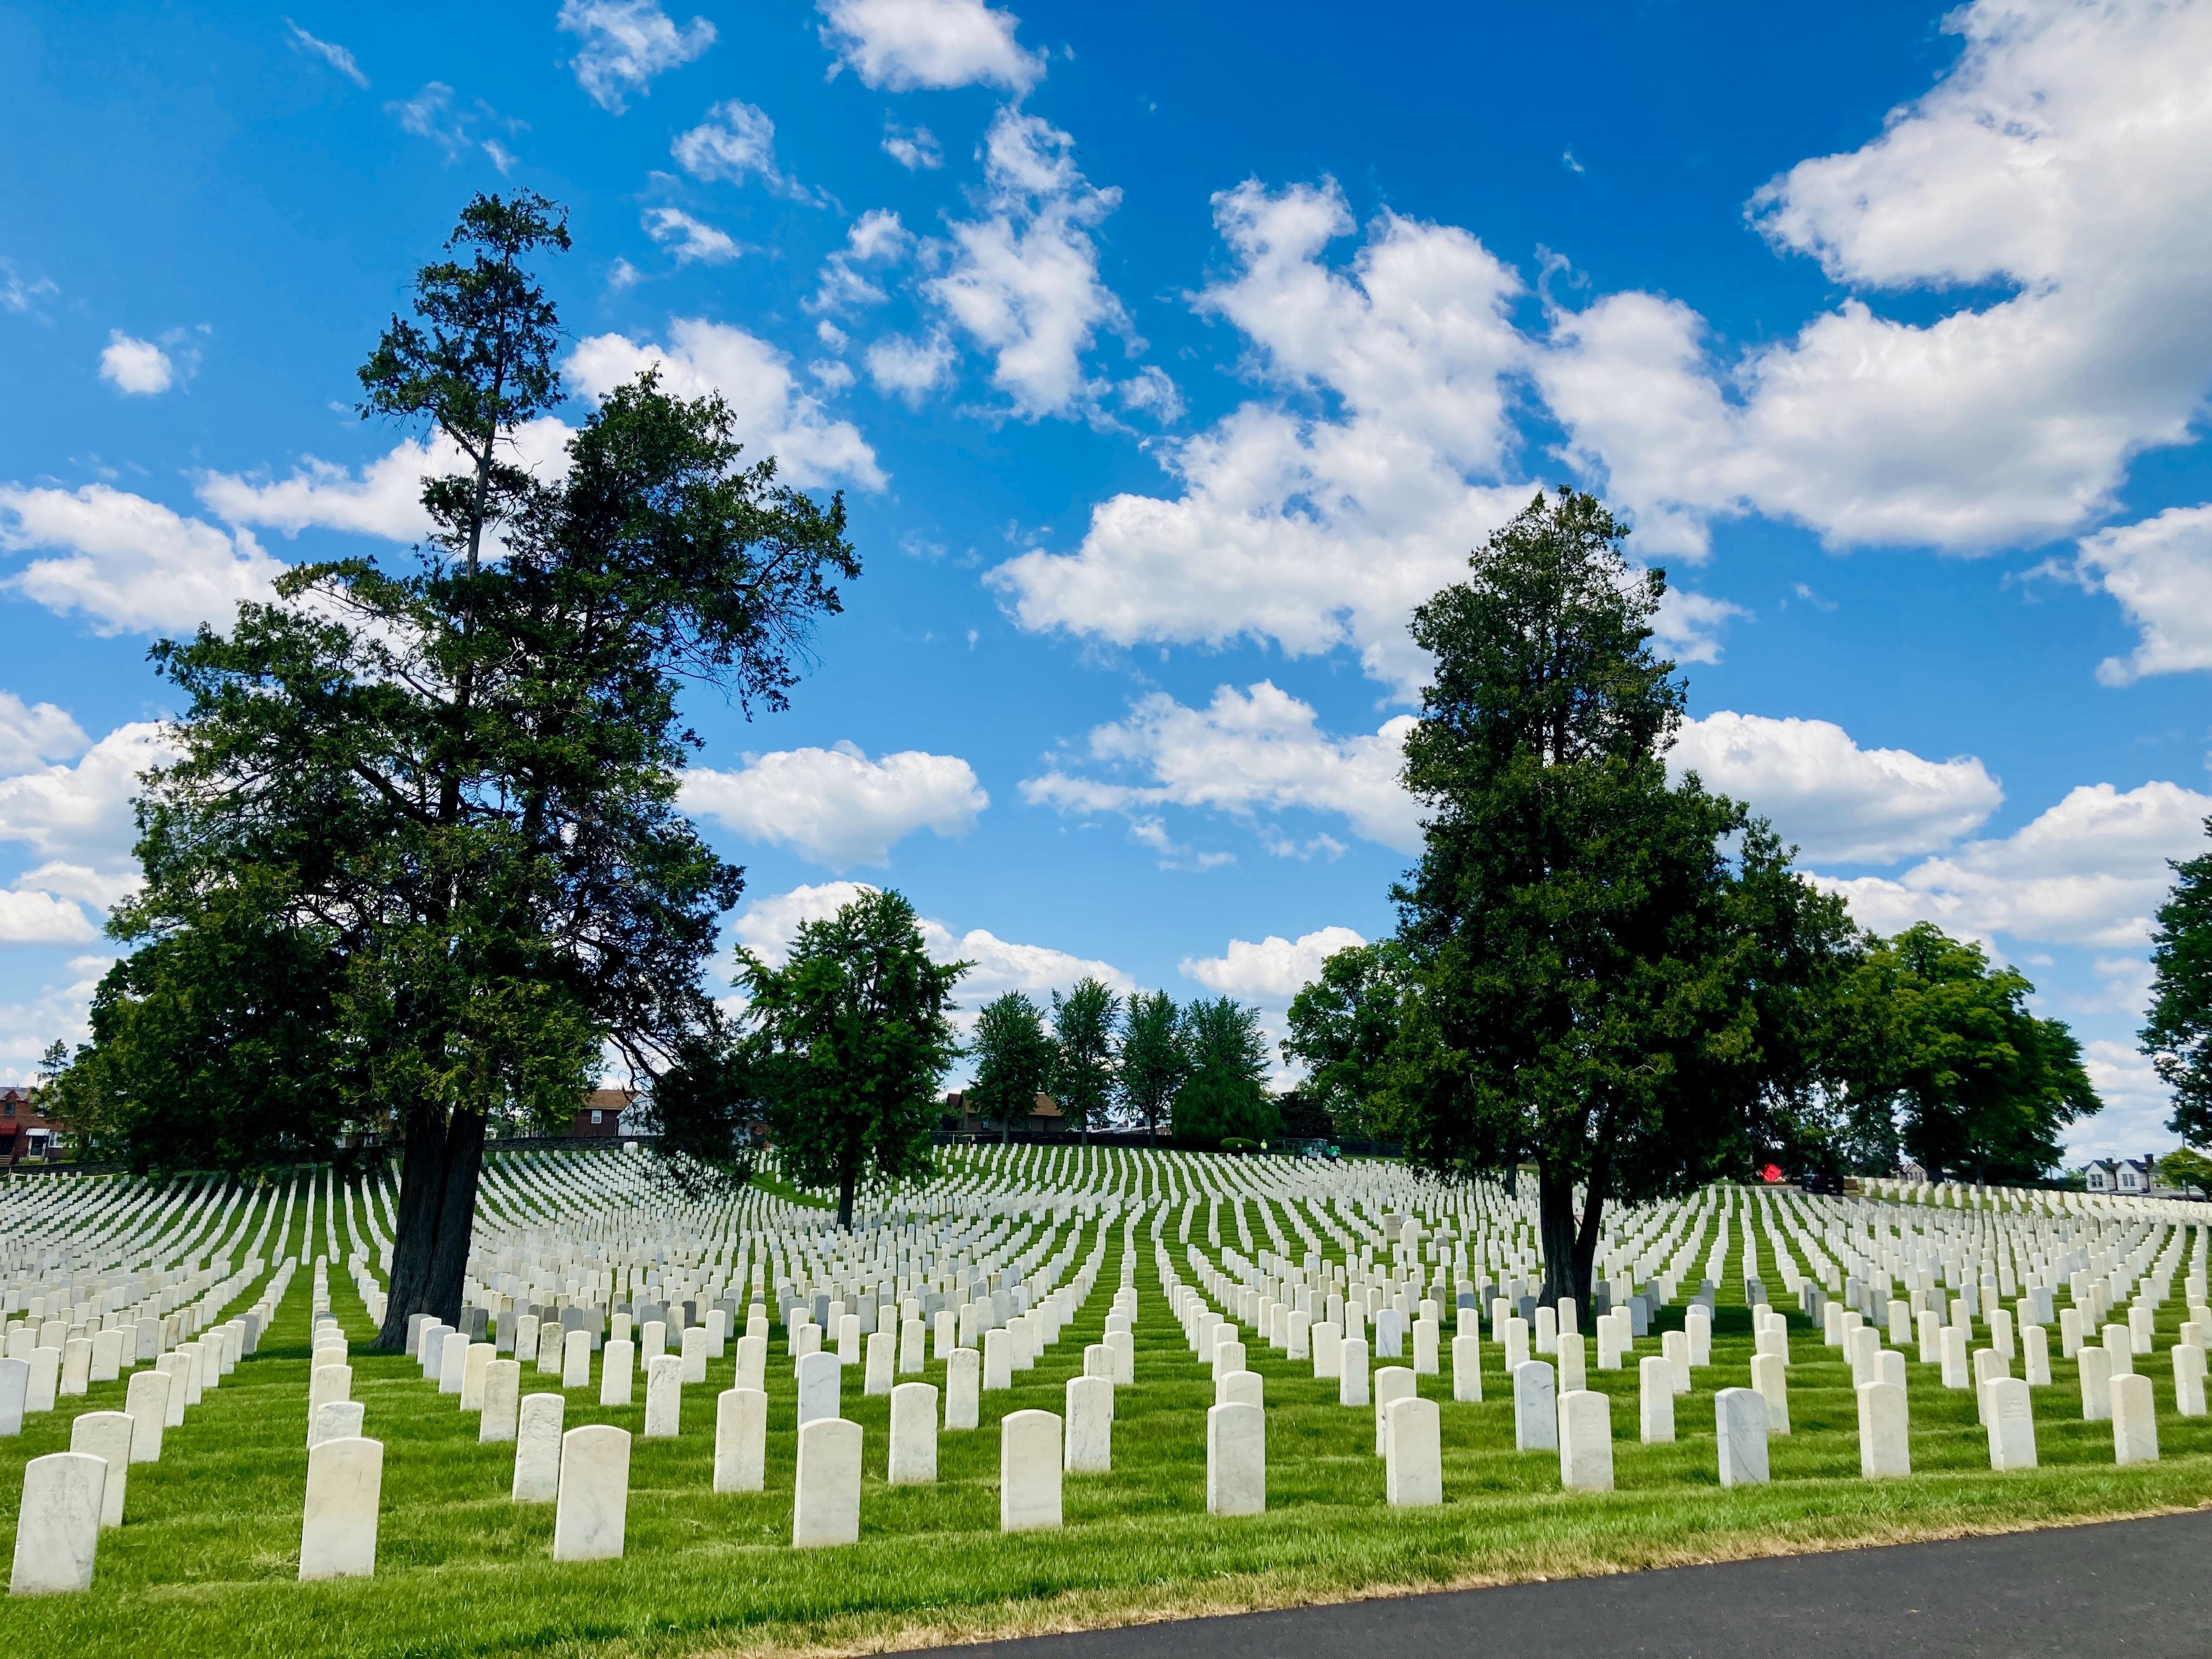 Military Cemetery in West Oak Lane, PA